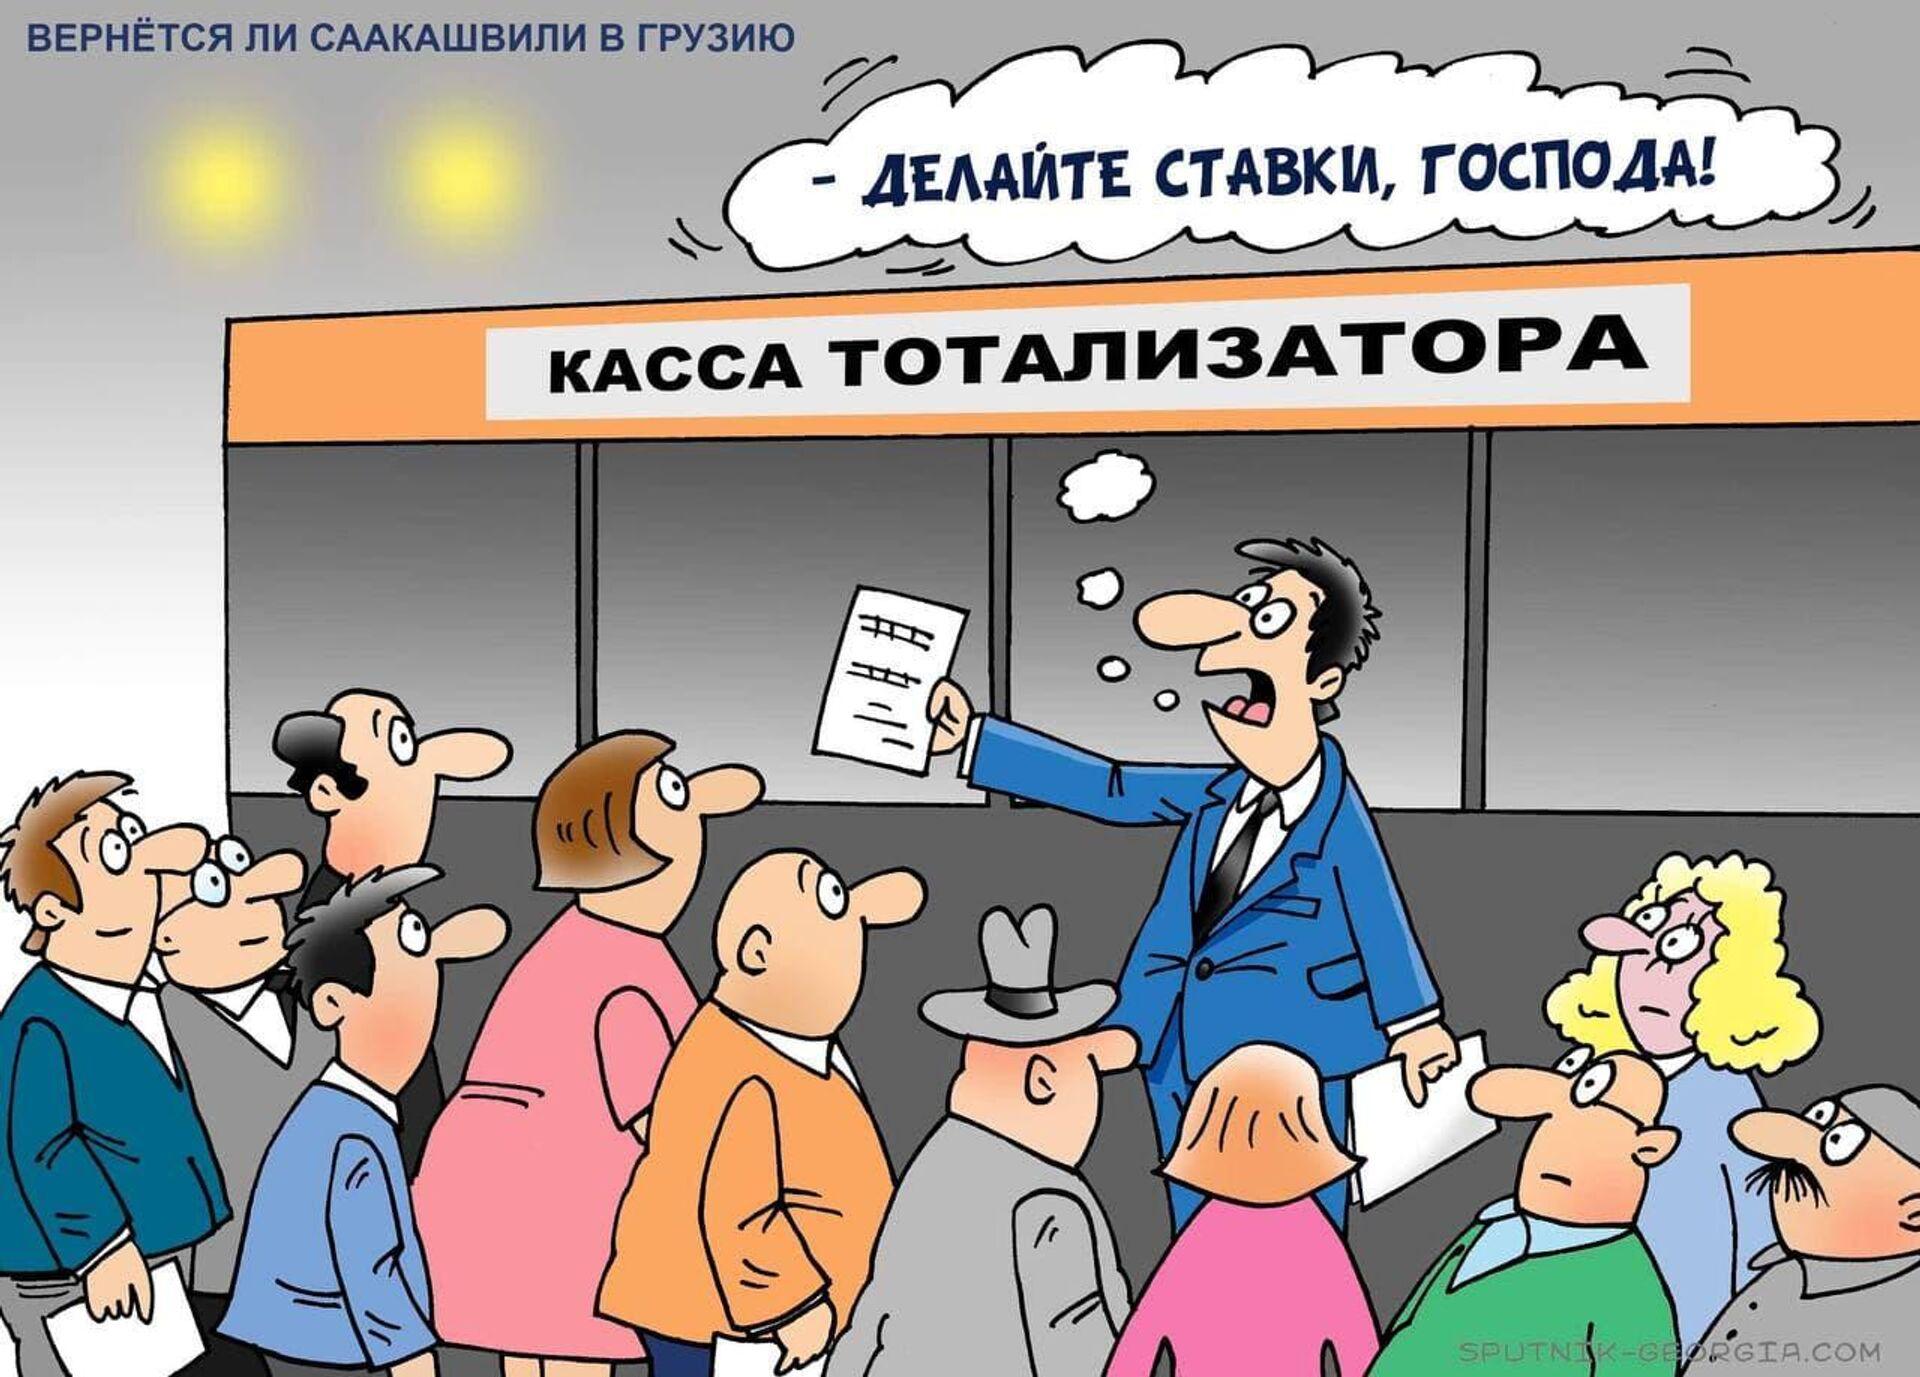 Вернется ли Саакашвили в Грузию - карикатура - Sputnik Грузия, 1920, 30.09.2021